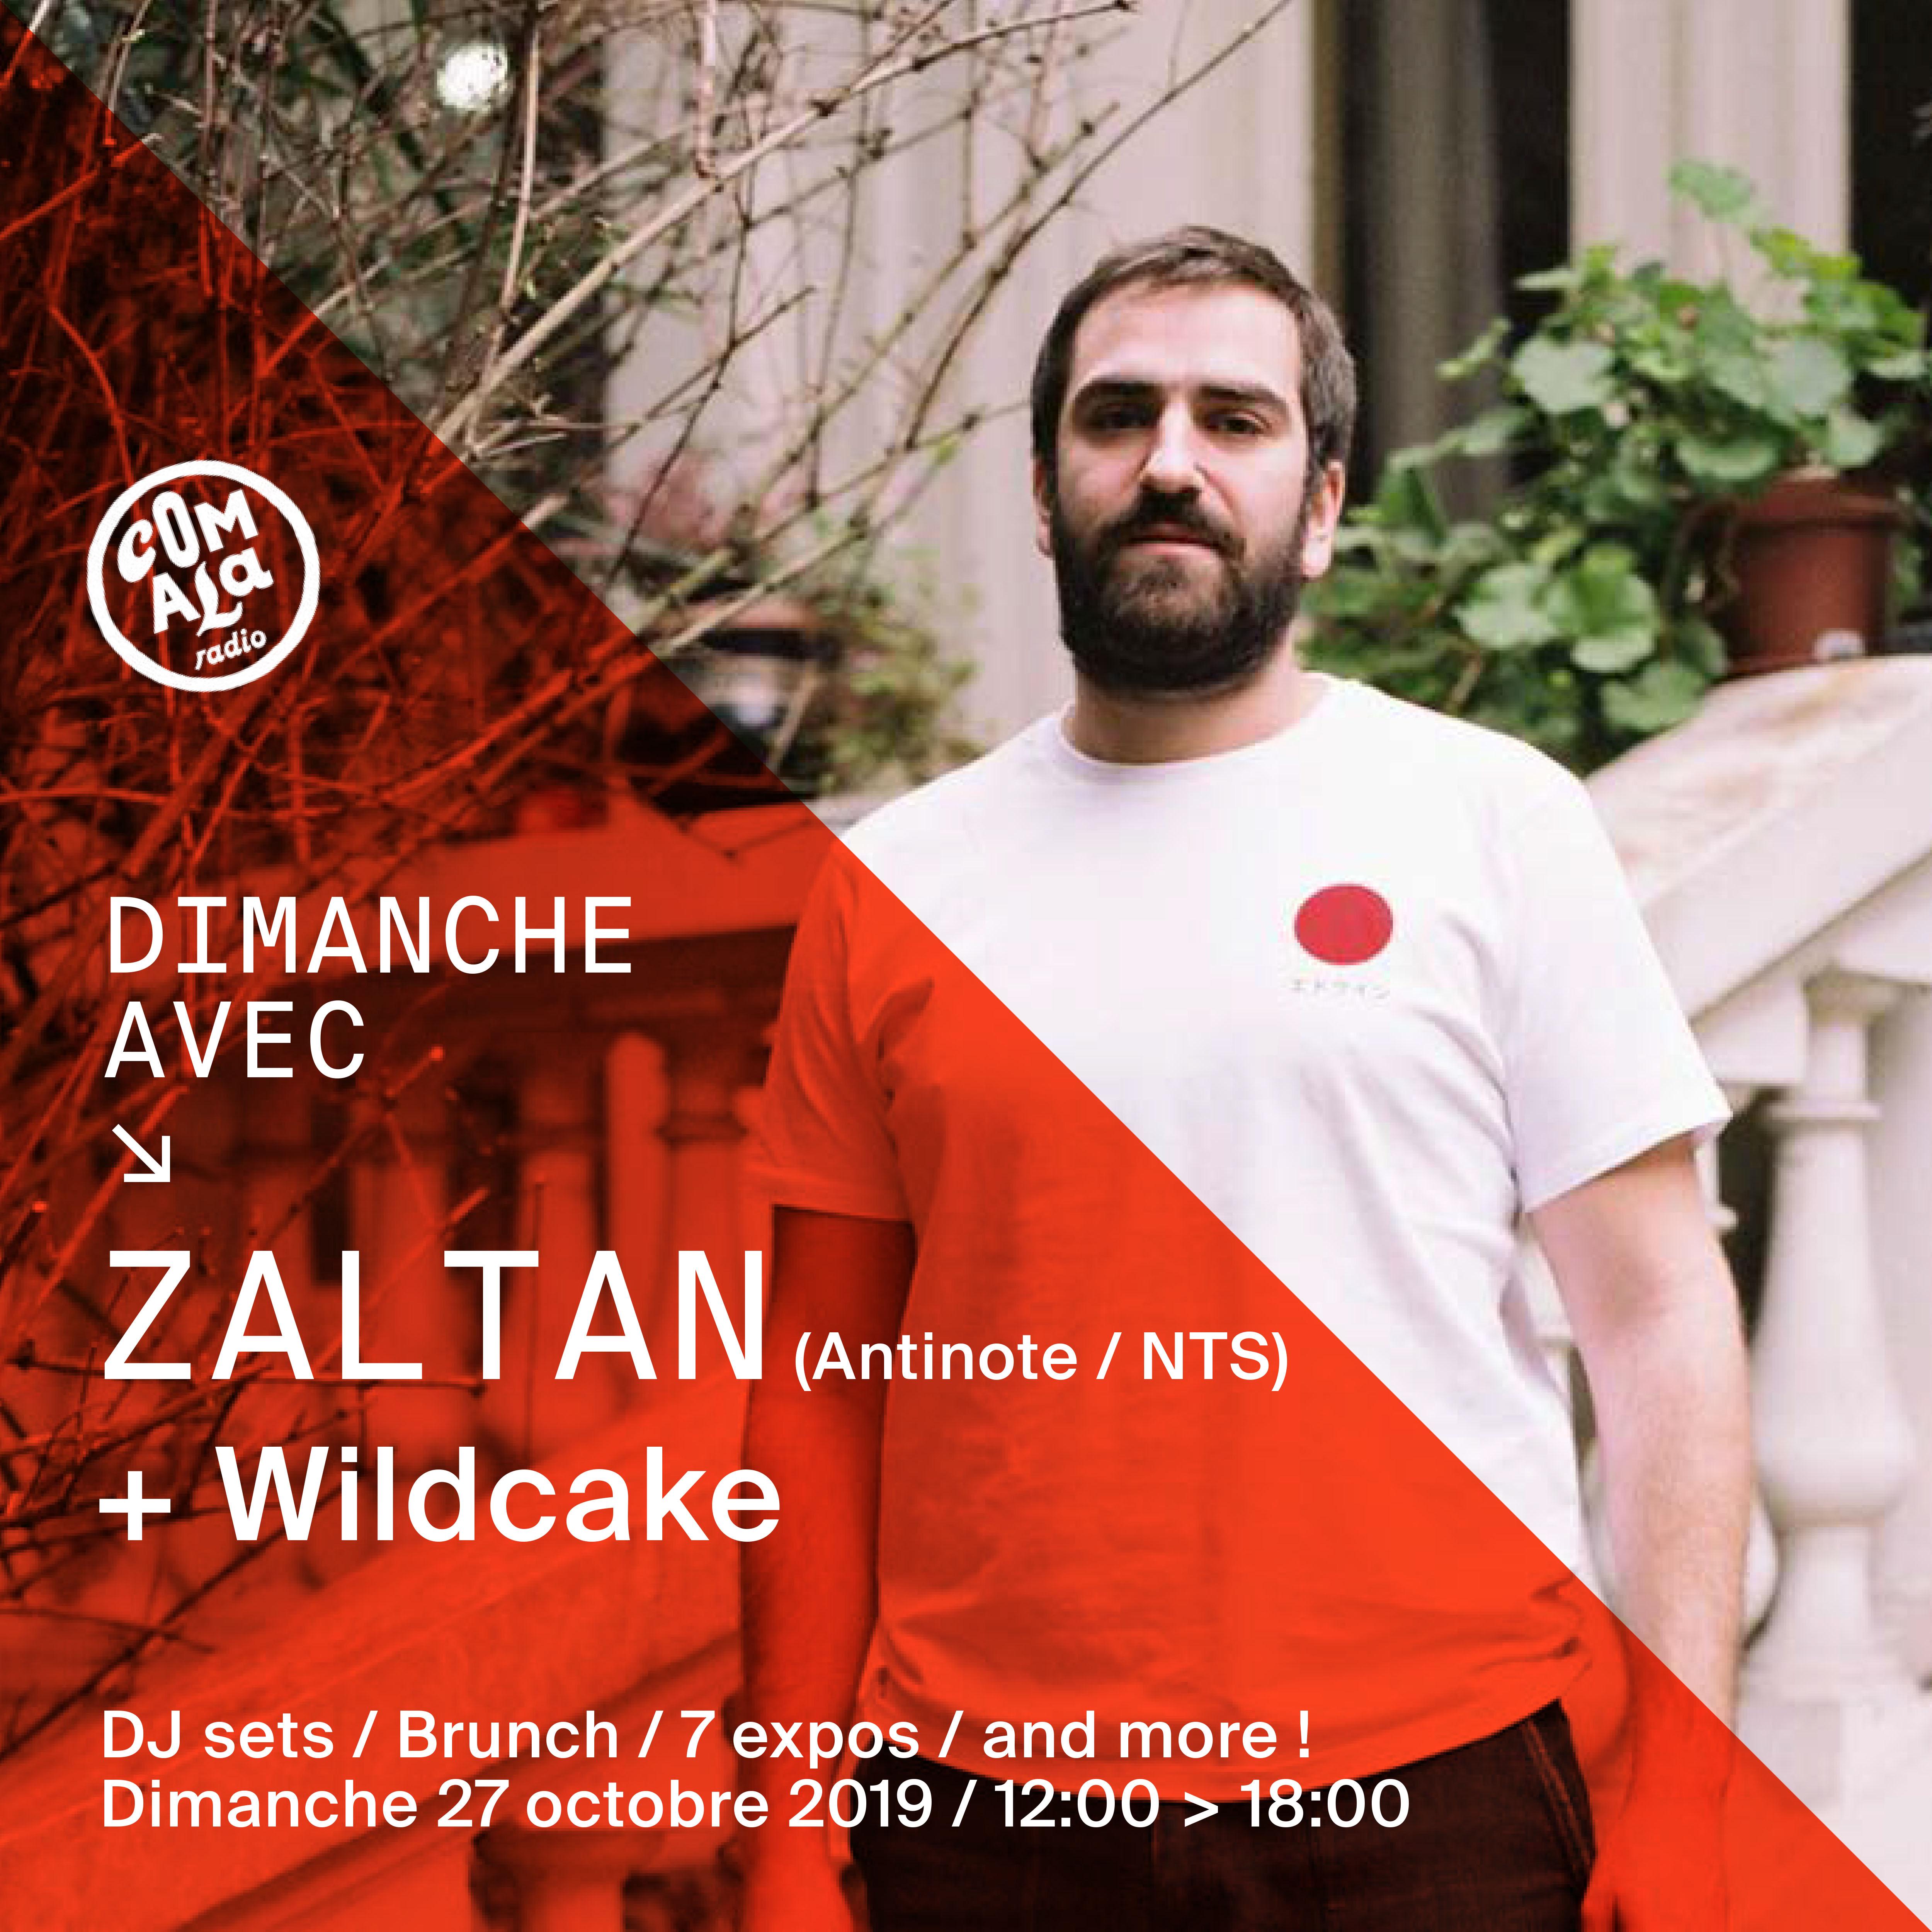 Dimanche avec Zaltan et Wildcake